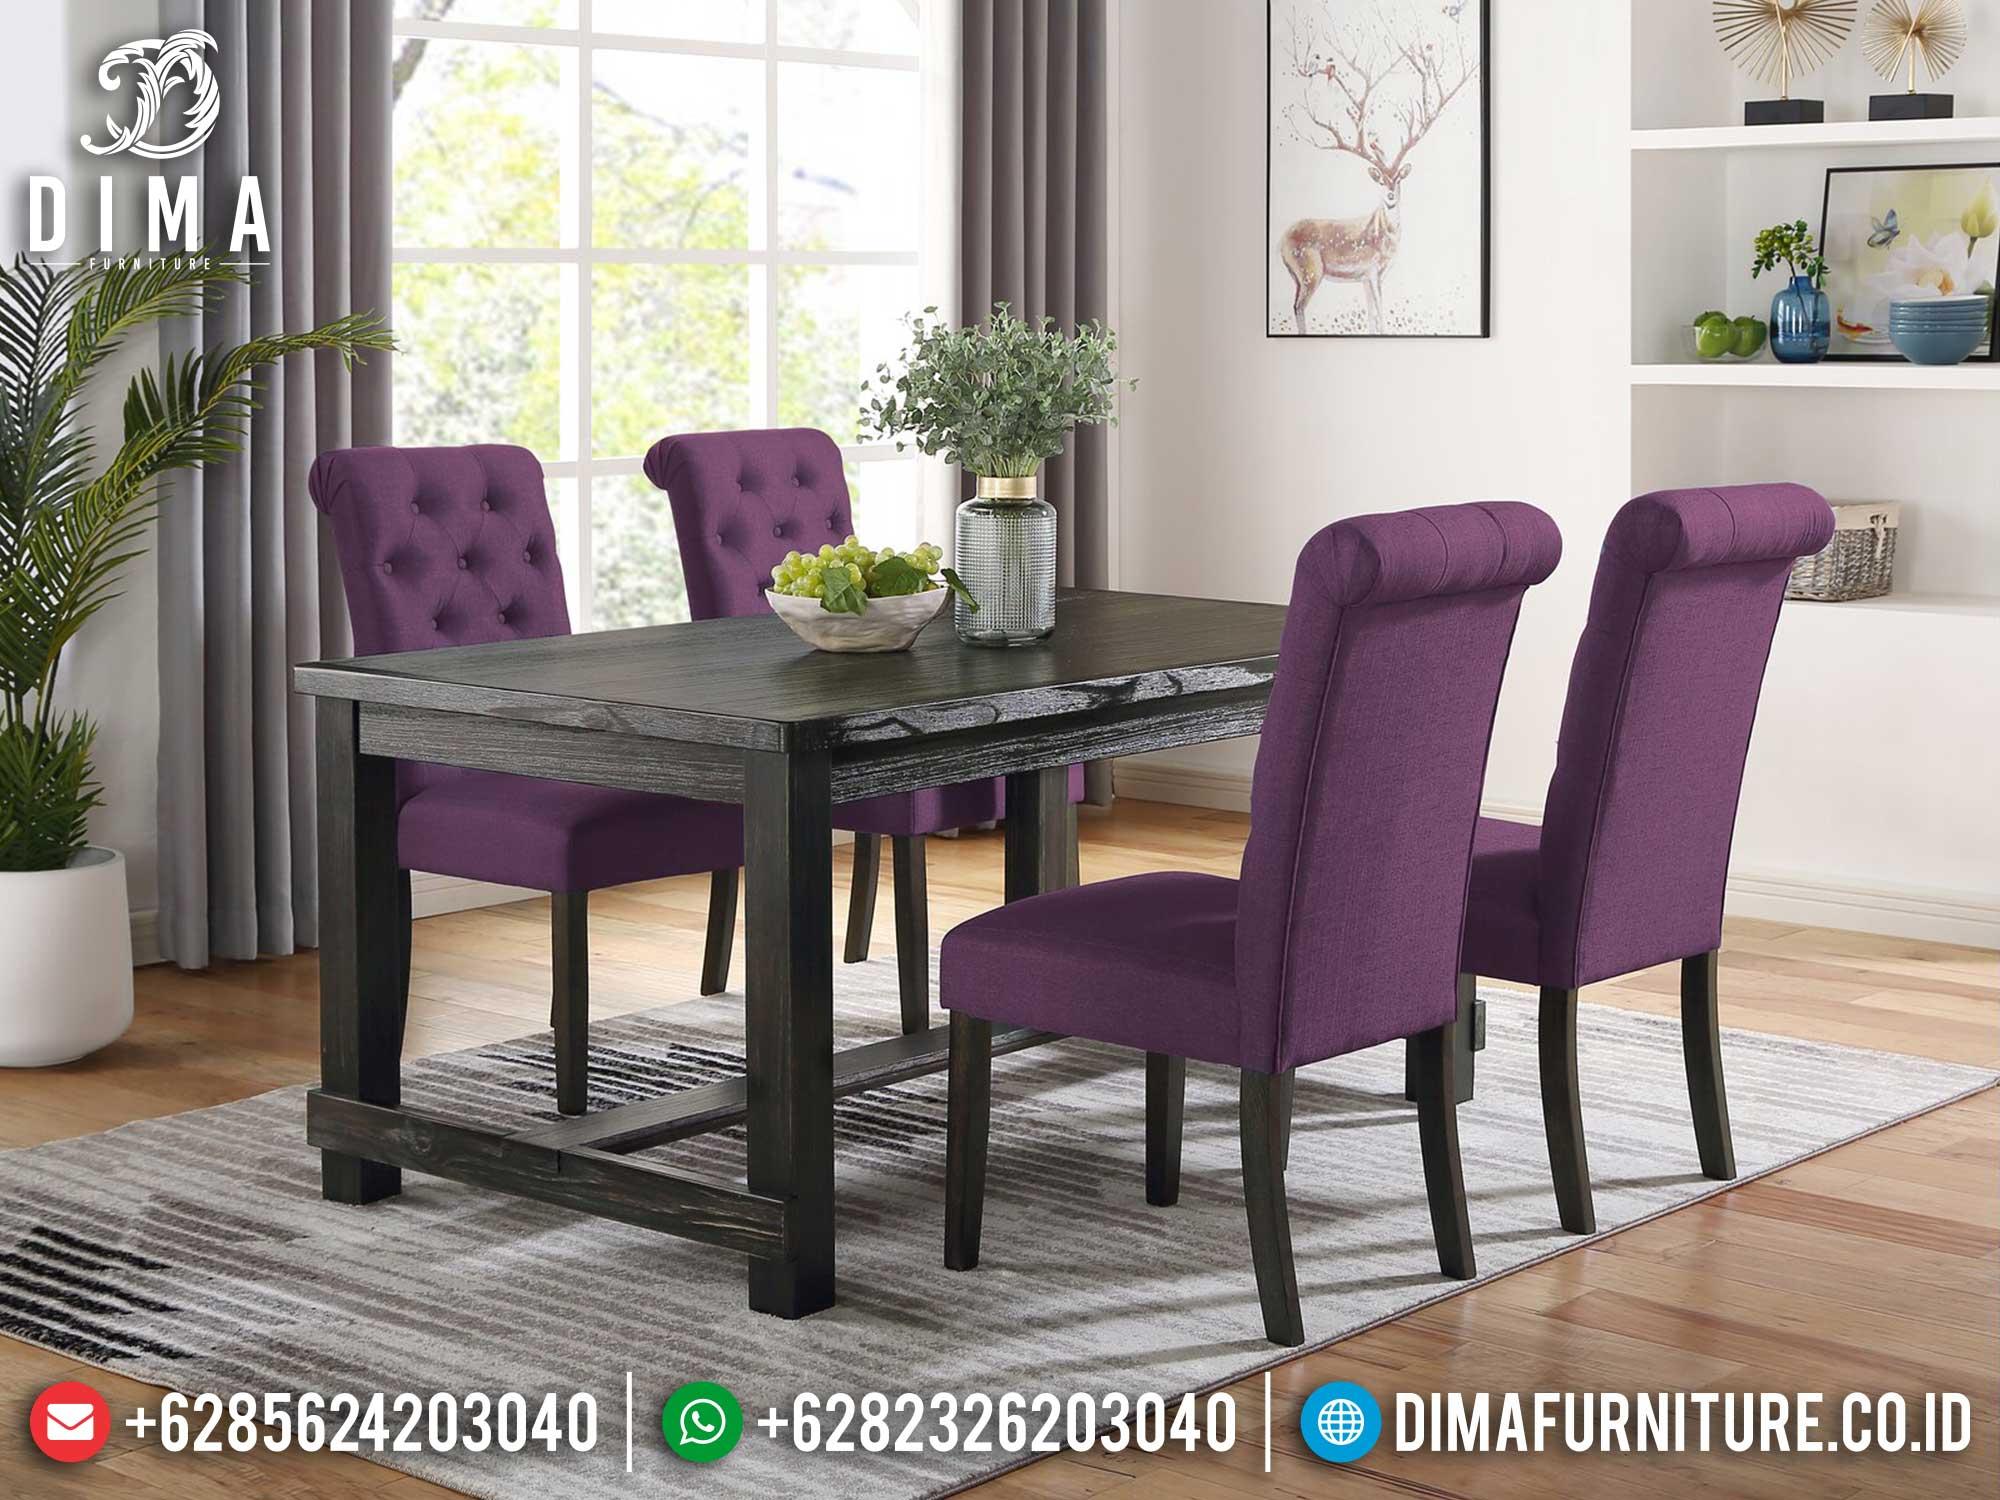 Meja Makan Minimalis Jepara Candreva Style Simple Furniture Jepara Update ST-1196